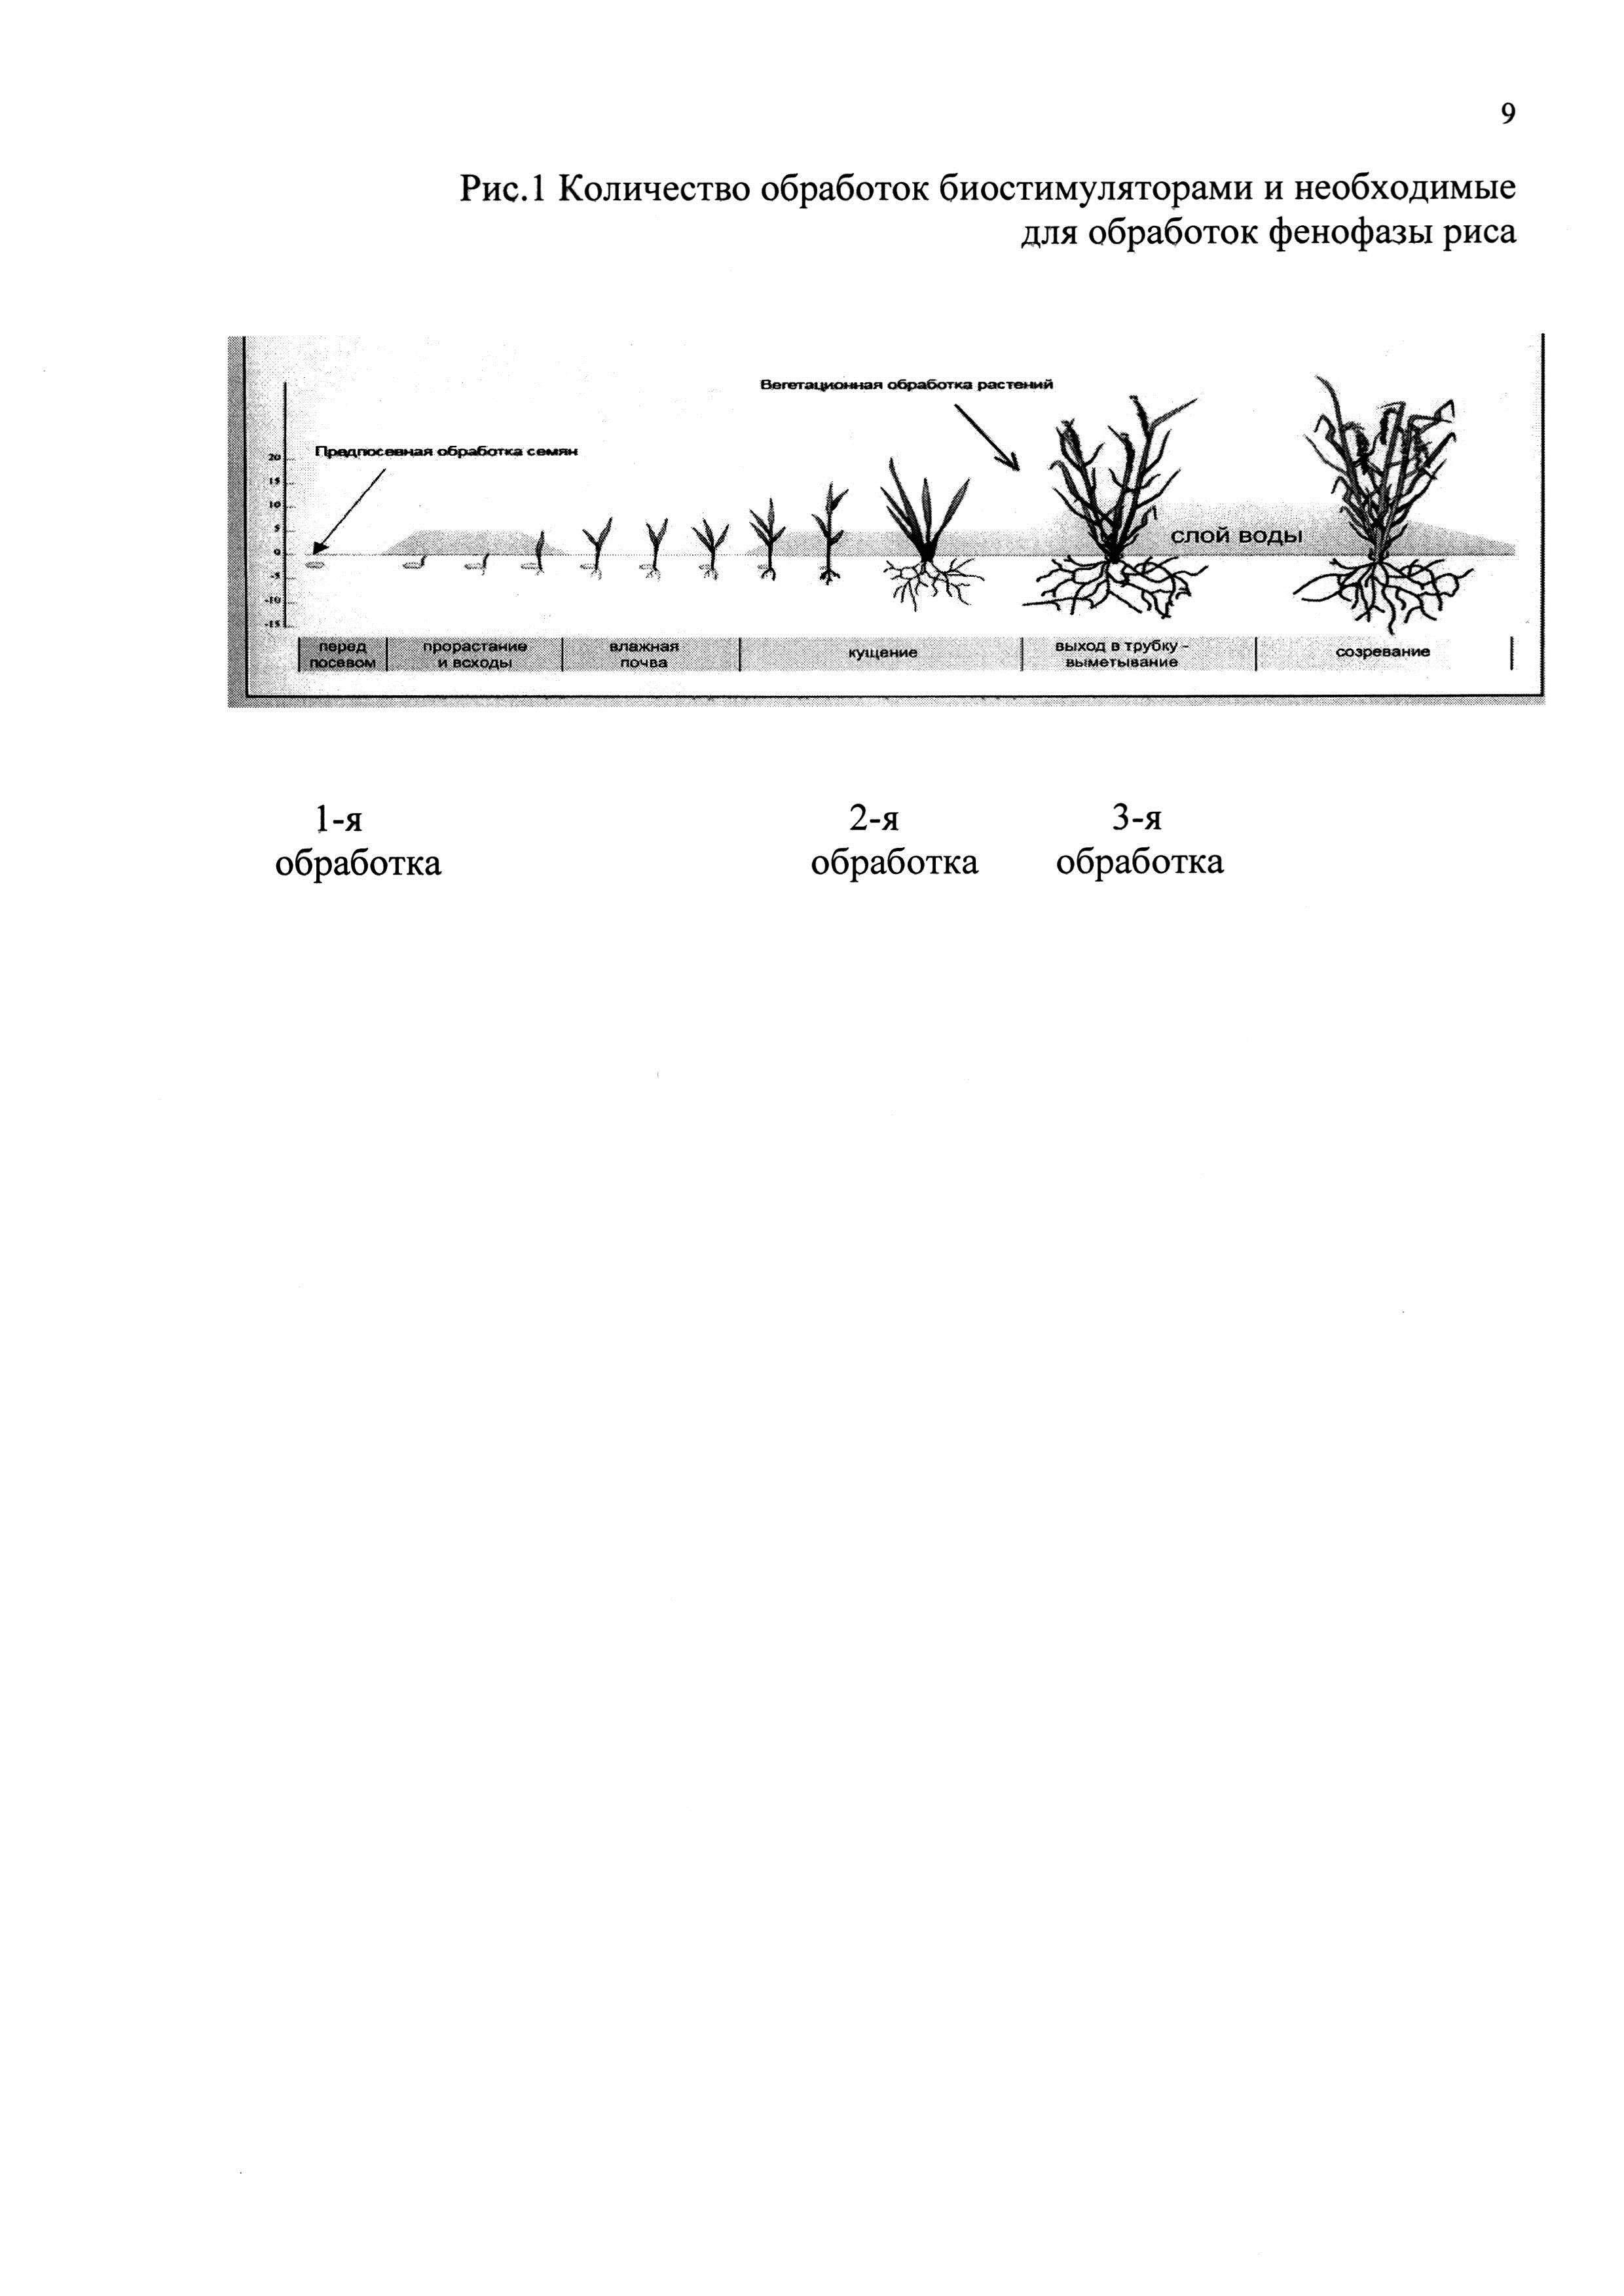 Способ выращивания риса при использовании минеральных удобрений и биостимуляторов роста на бурых полупустынных орошаемых почвах